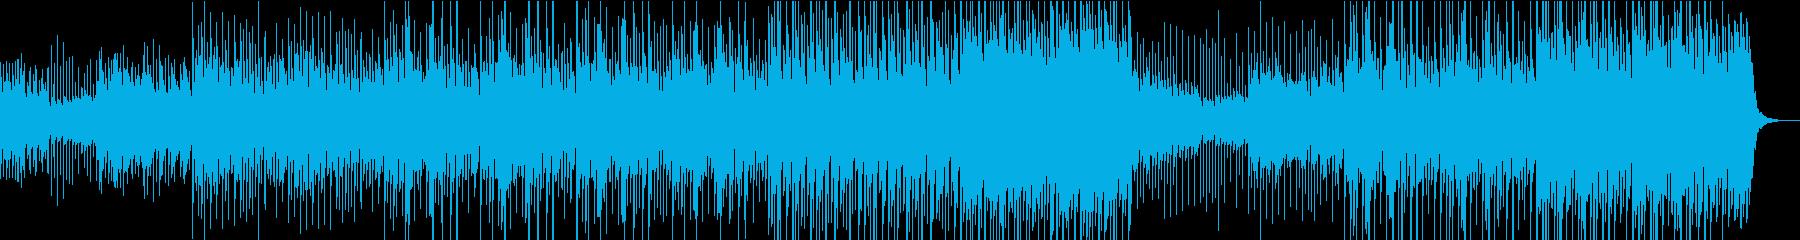 カリンバのおしゃれで楽しいポップスの再生済みの波形